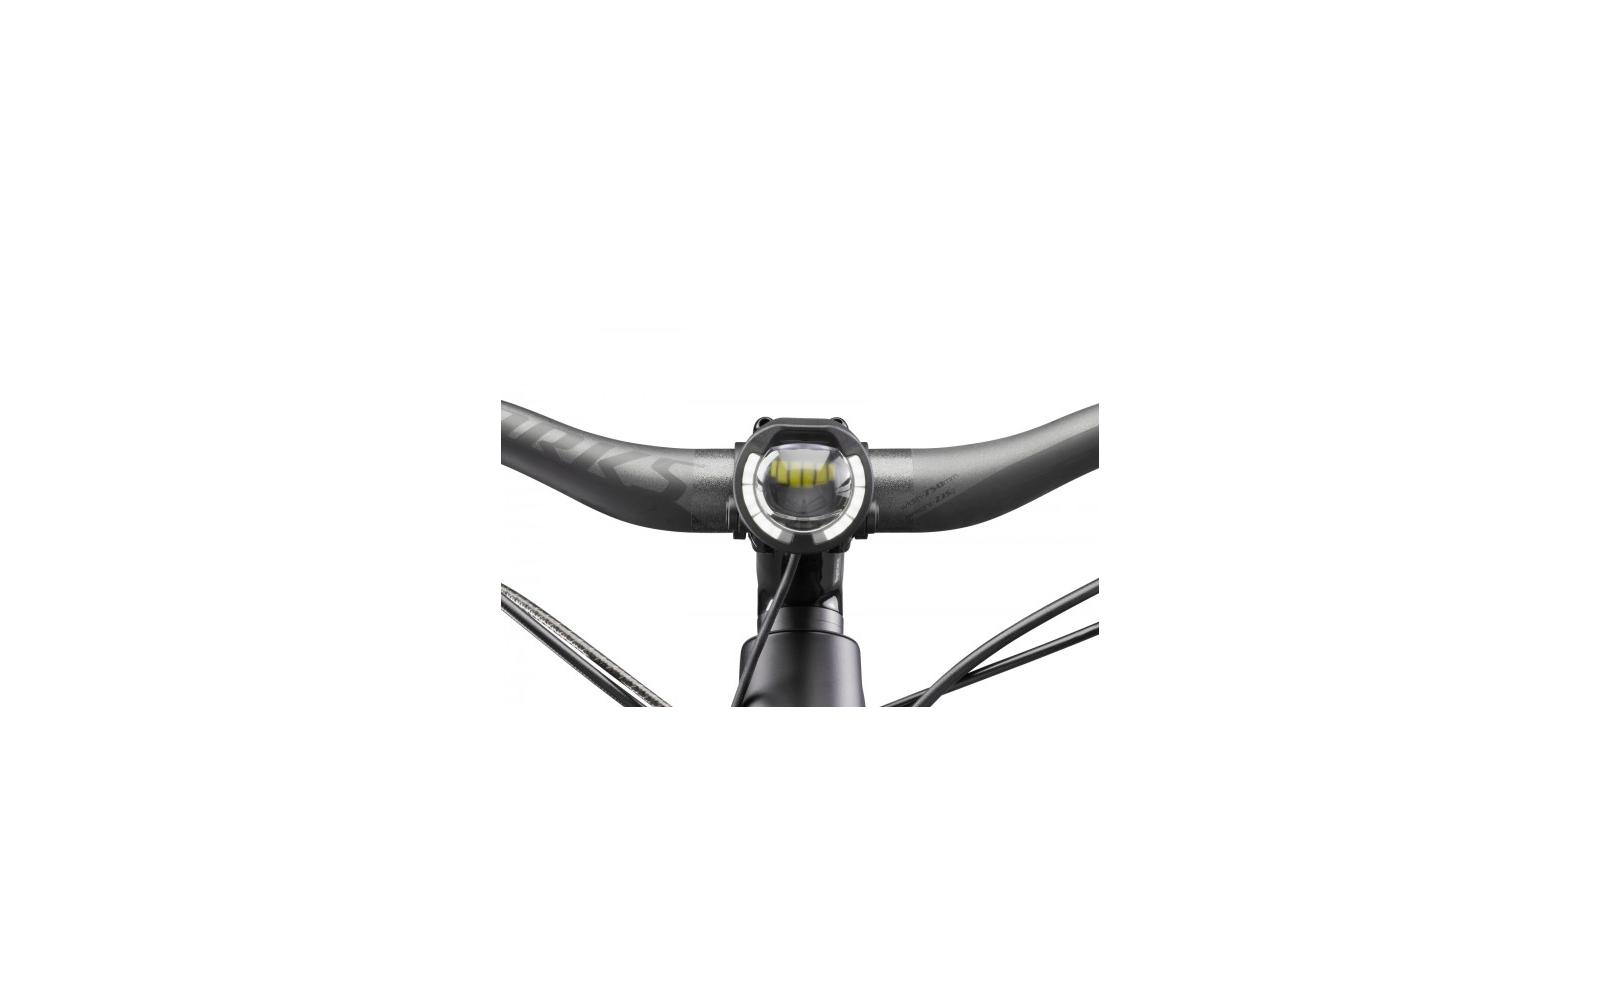 Lupine E Bike Beleuchtung Vorne Sl S Bosch Purion Fahrradbeleuchtung Licht Vorn